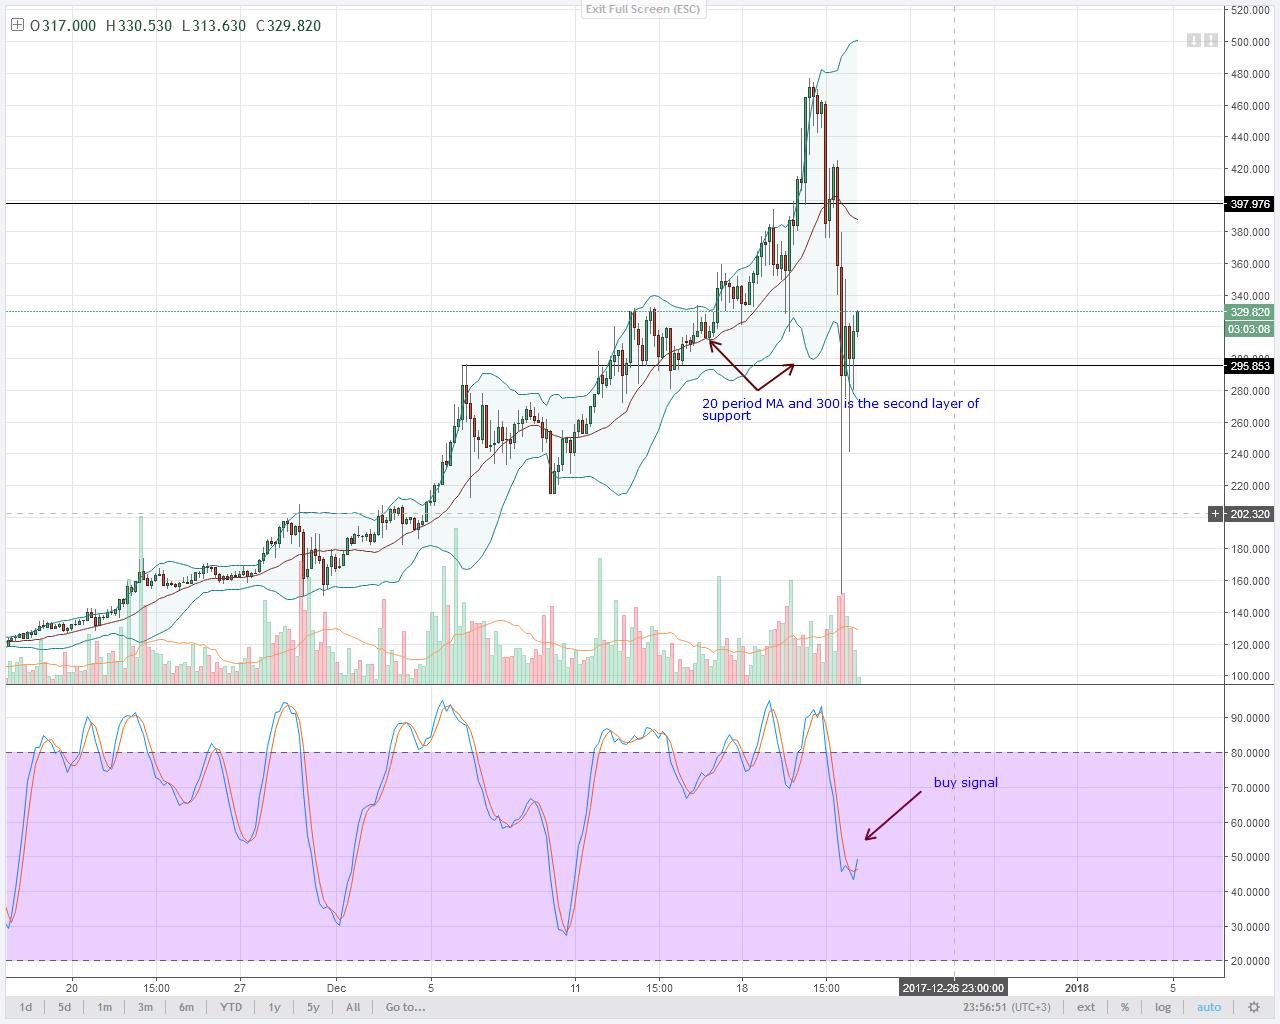 Monero 4HR chart technical analysis